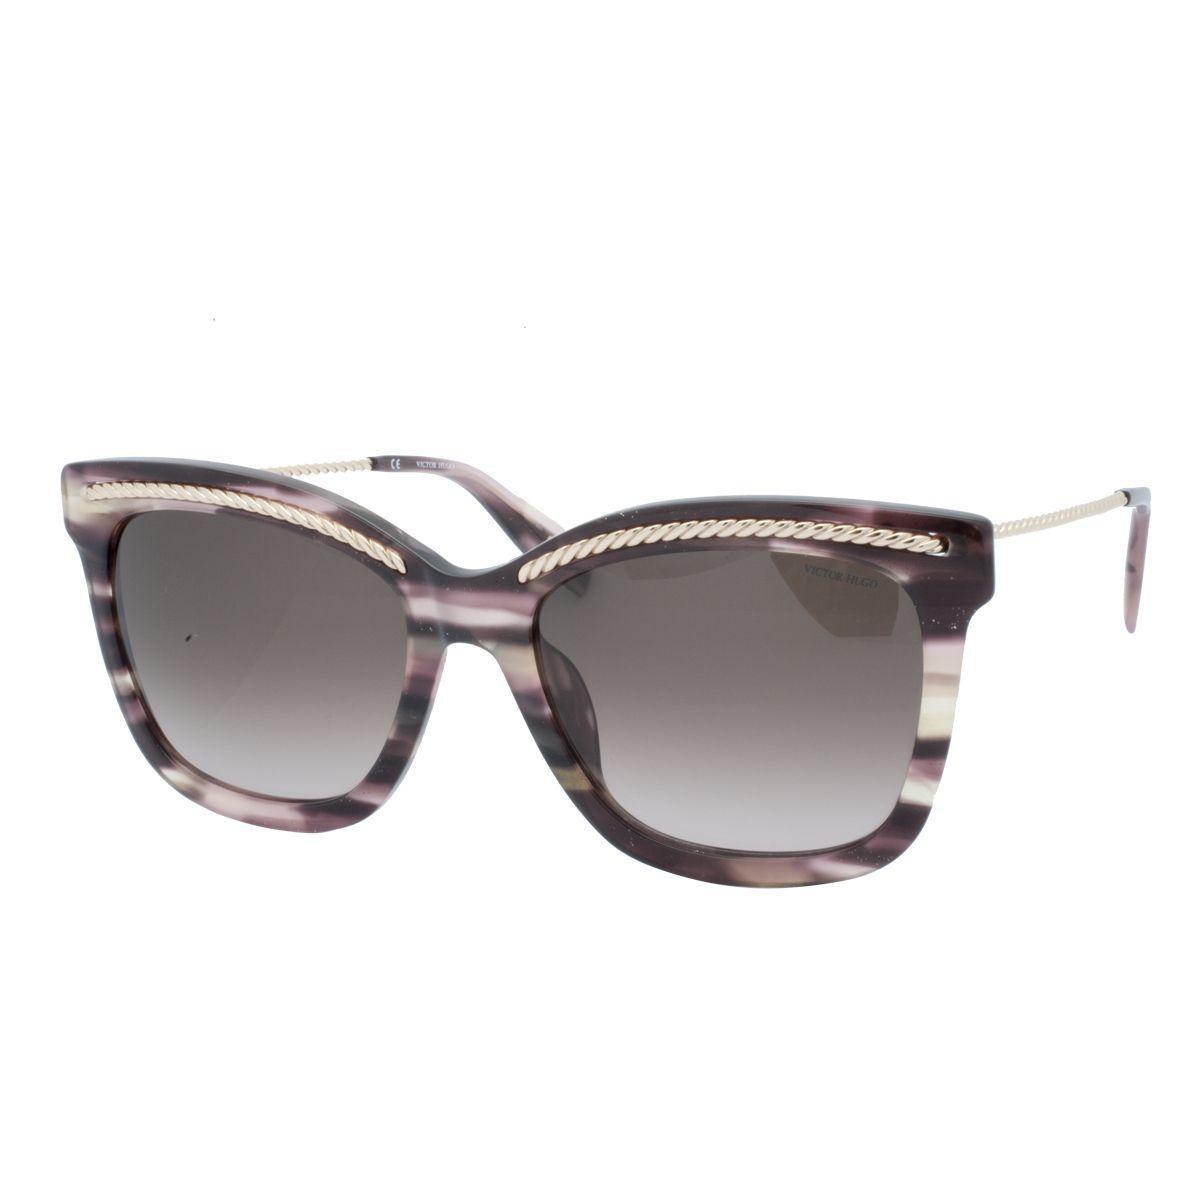 f794984e5 Óculos de Sol Victor Hugo Feminino SH1774 0D00 - Acetato Marrom Mescla e  Lente Marrom Degradê R$ 983,00 à vista. Adicionar à sacola